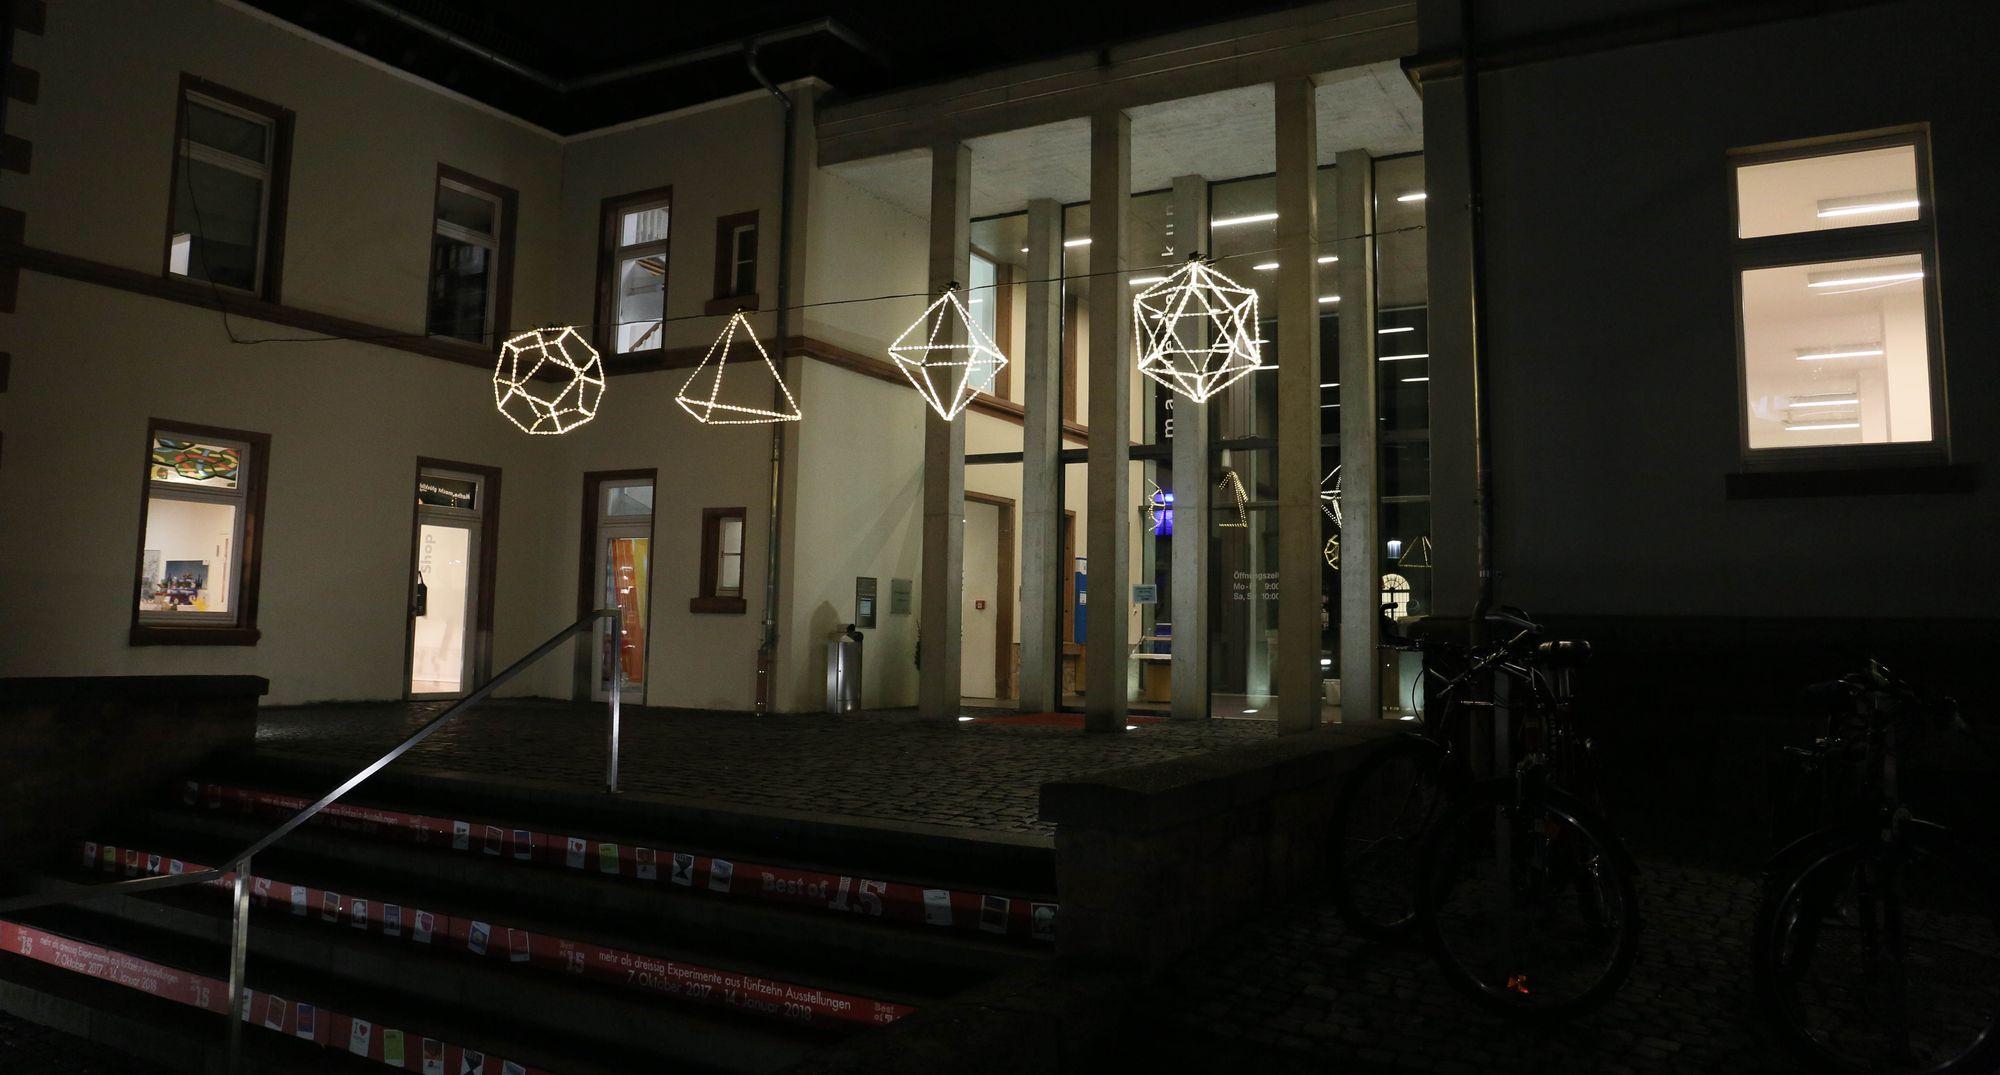 Leuchtende Weihnachtskörper im Eingangsbereich des Mathematikums